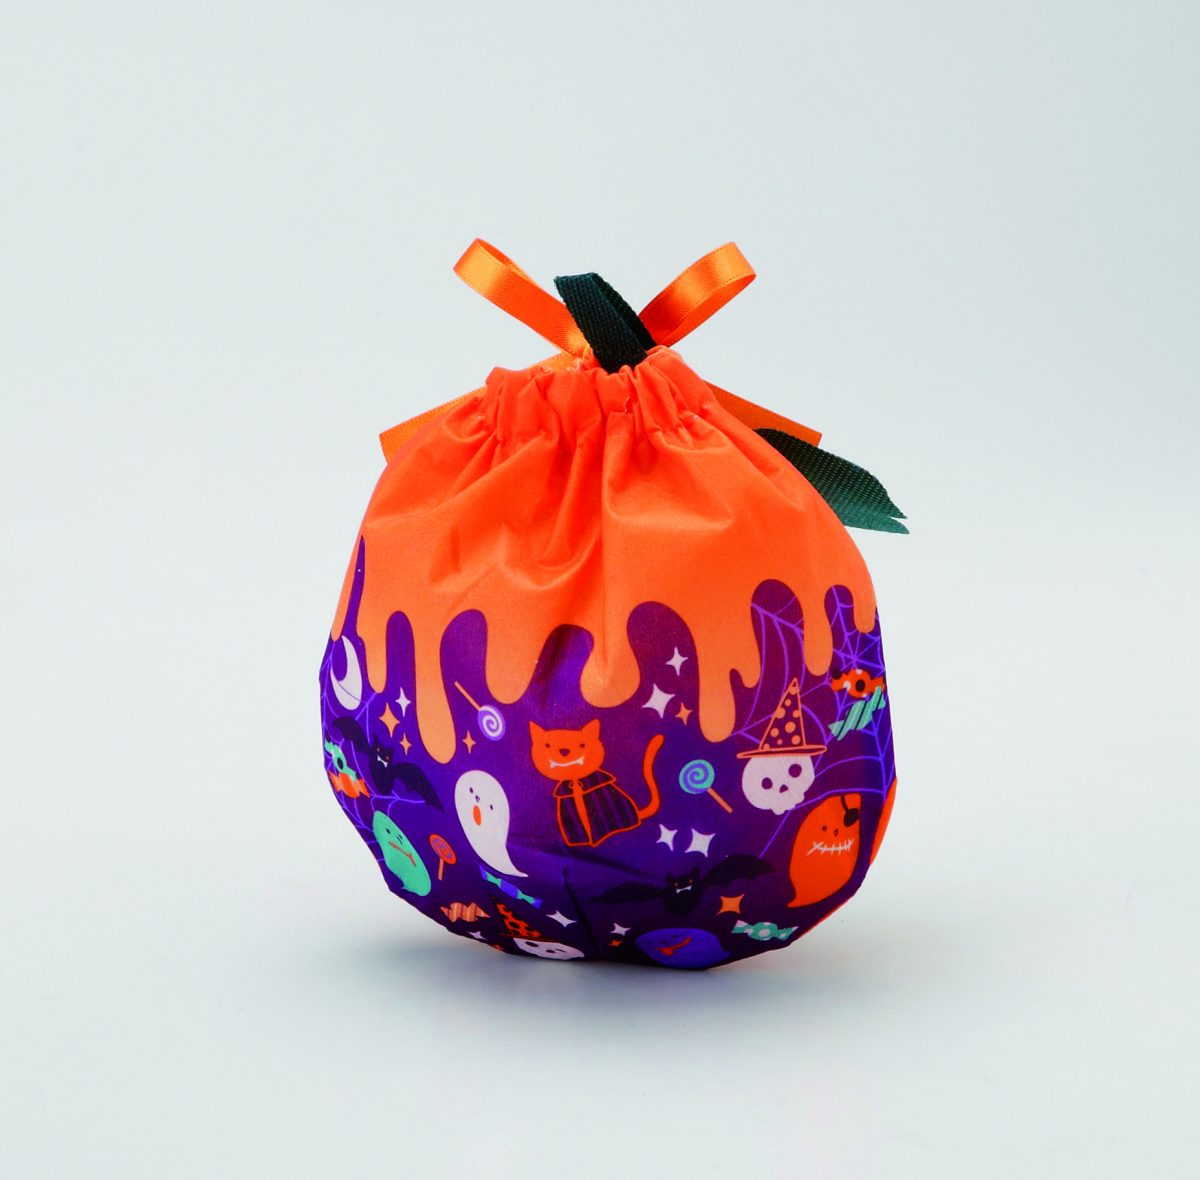 ハッピーハロウィン お手玉巾着お菓子セット